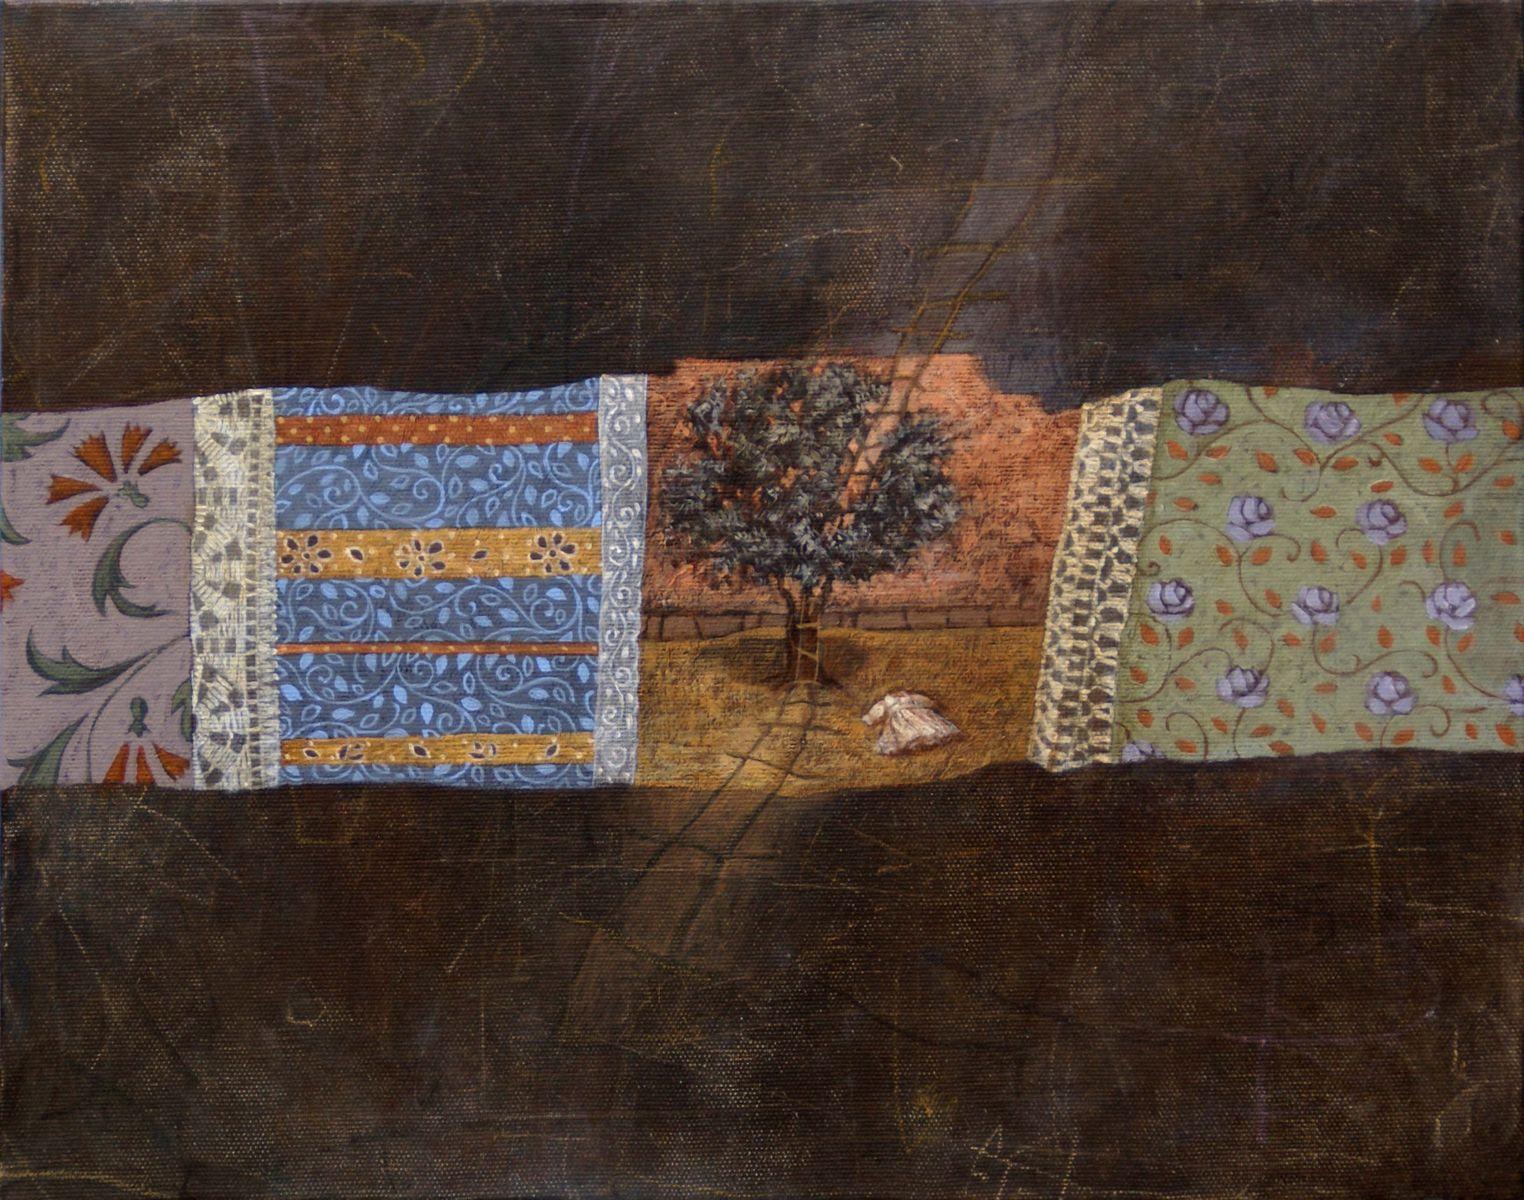 Άννα Χριστοφή 35×45 εκ. Μικτή Τεχνική σε καμβά Anna Christofi 35×45 cm Mixed media on canvas